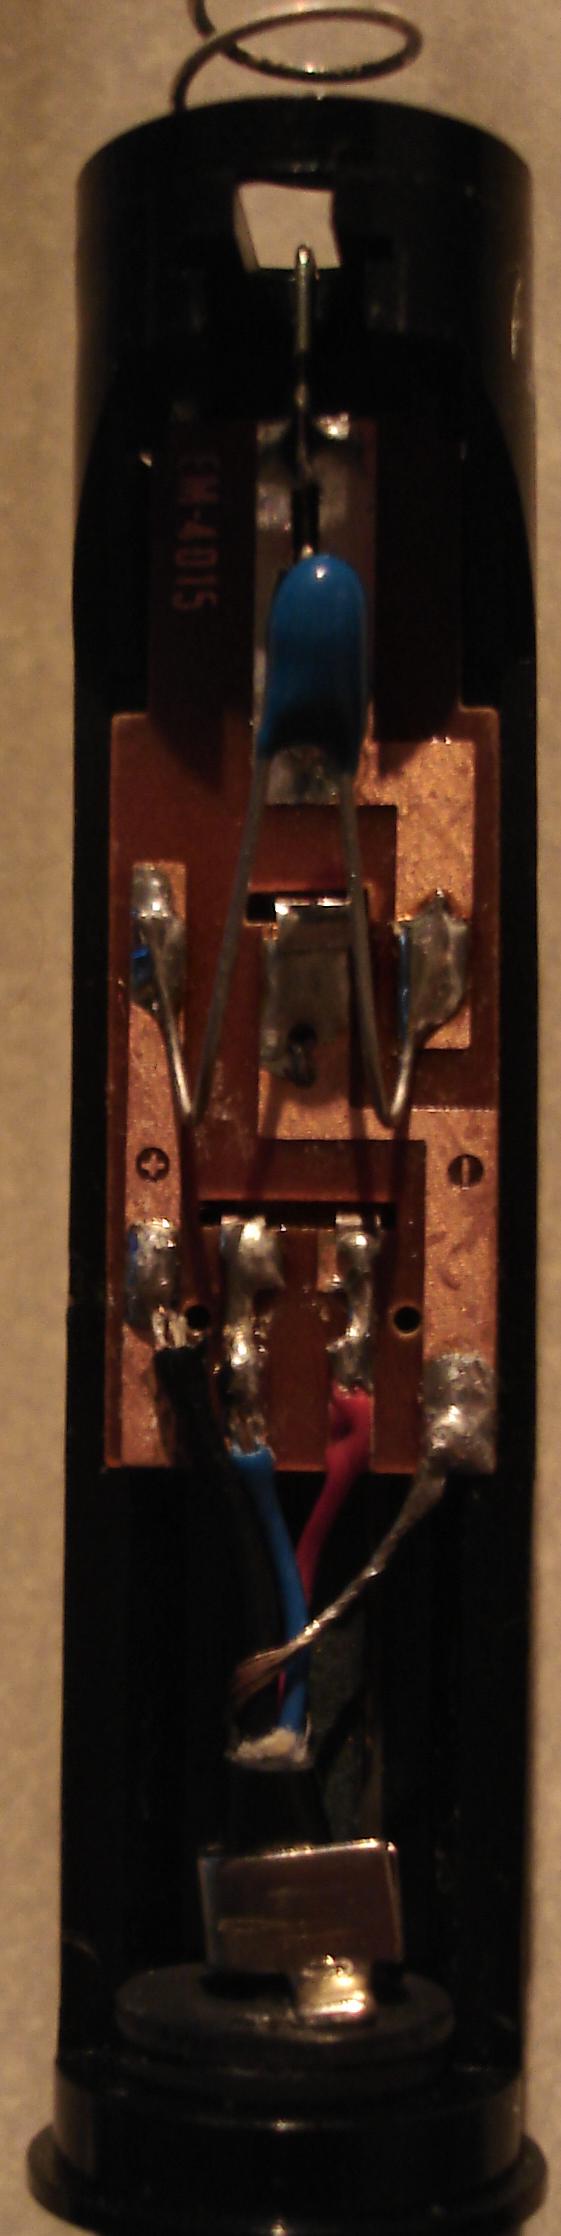 Din 7 Pin To 3 Xlr Wiring Gearslutz Mic1